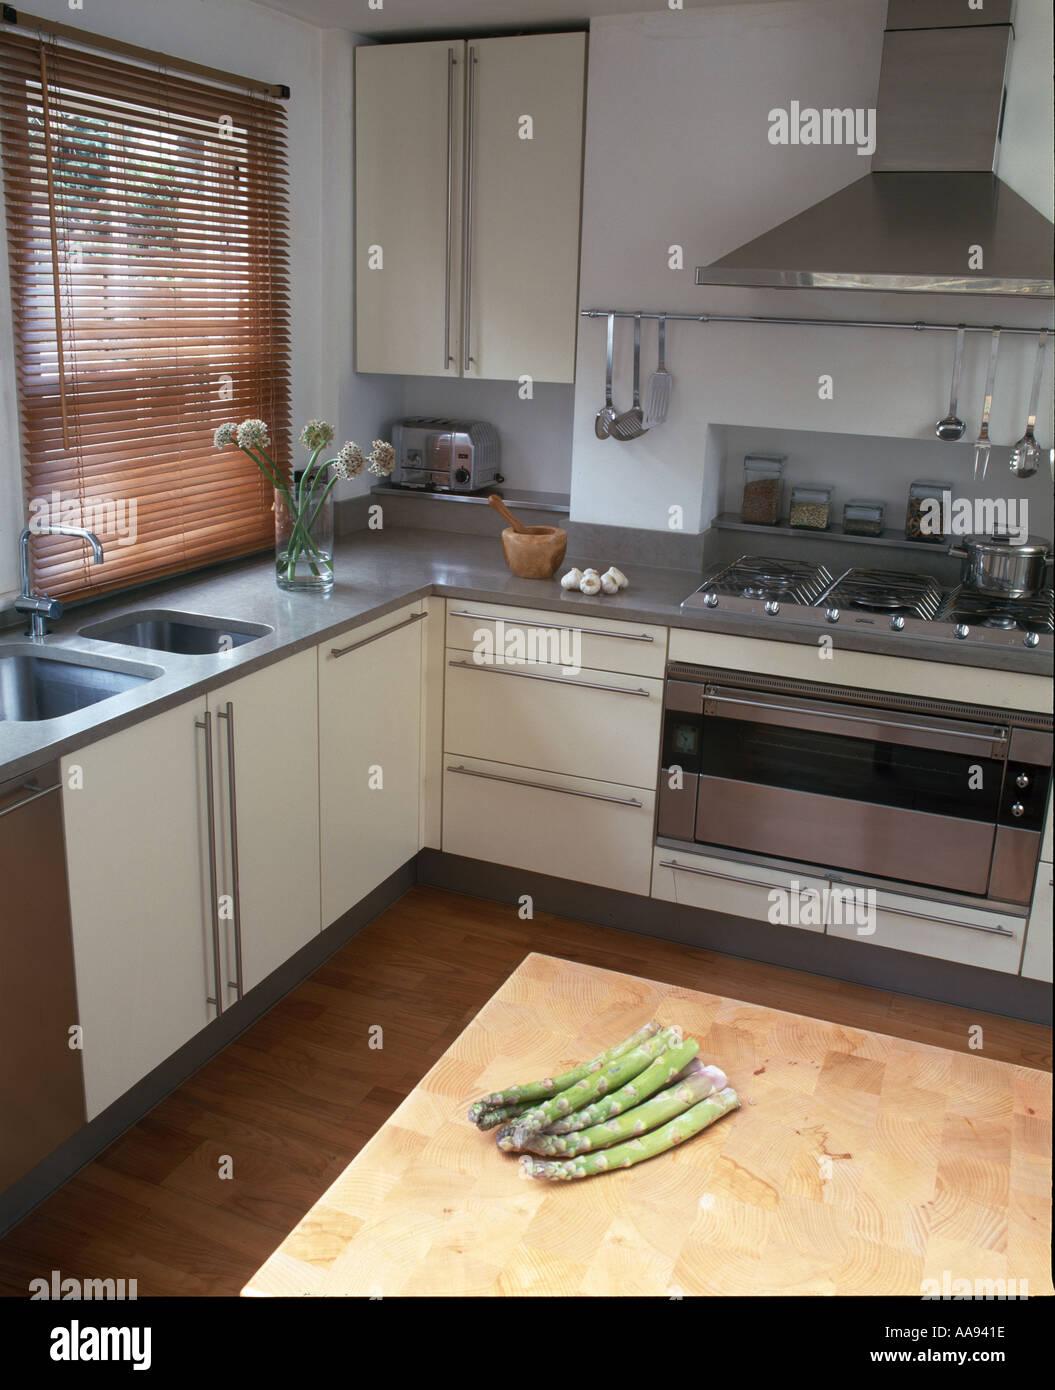 La cocina de la casa del dise ador roundhouse dise o peque o blanco y moderna cocina de acero - Disenador de cocinas ...